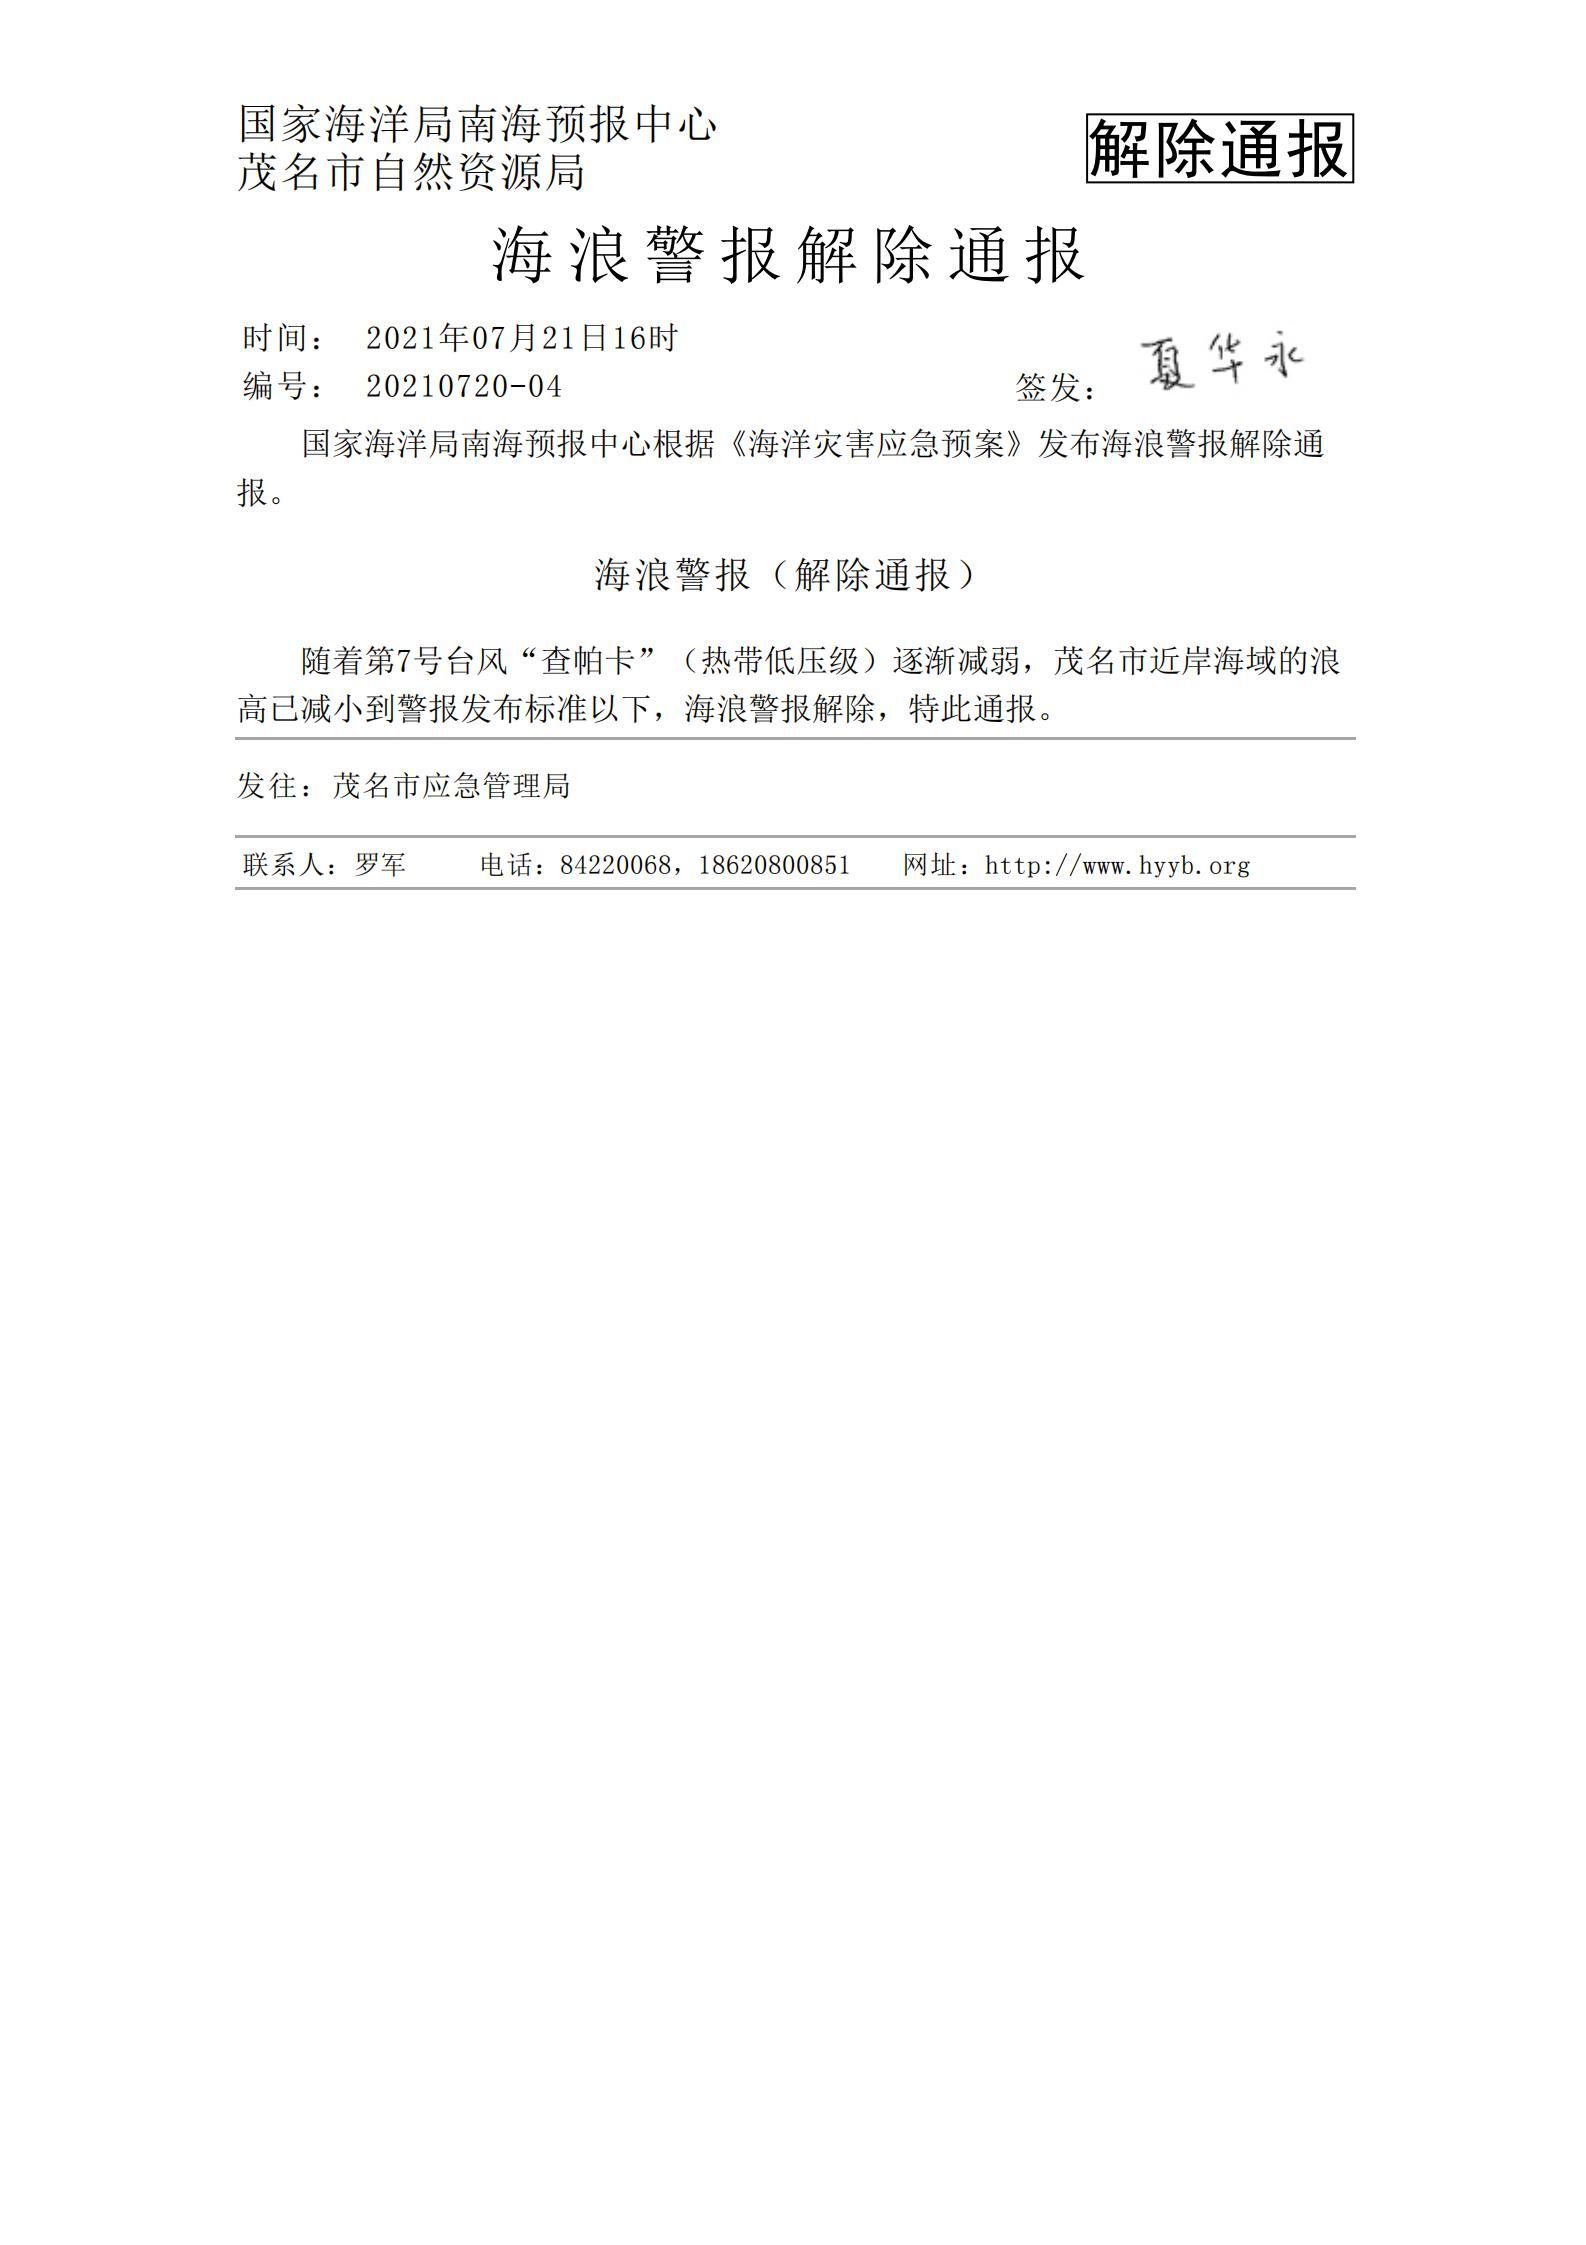 海浪警报-茂名2021072116_00.jpg